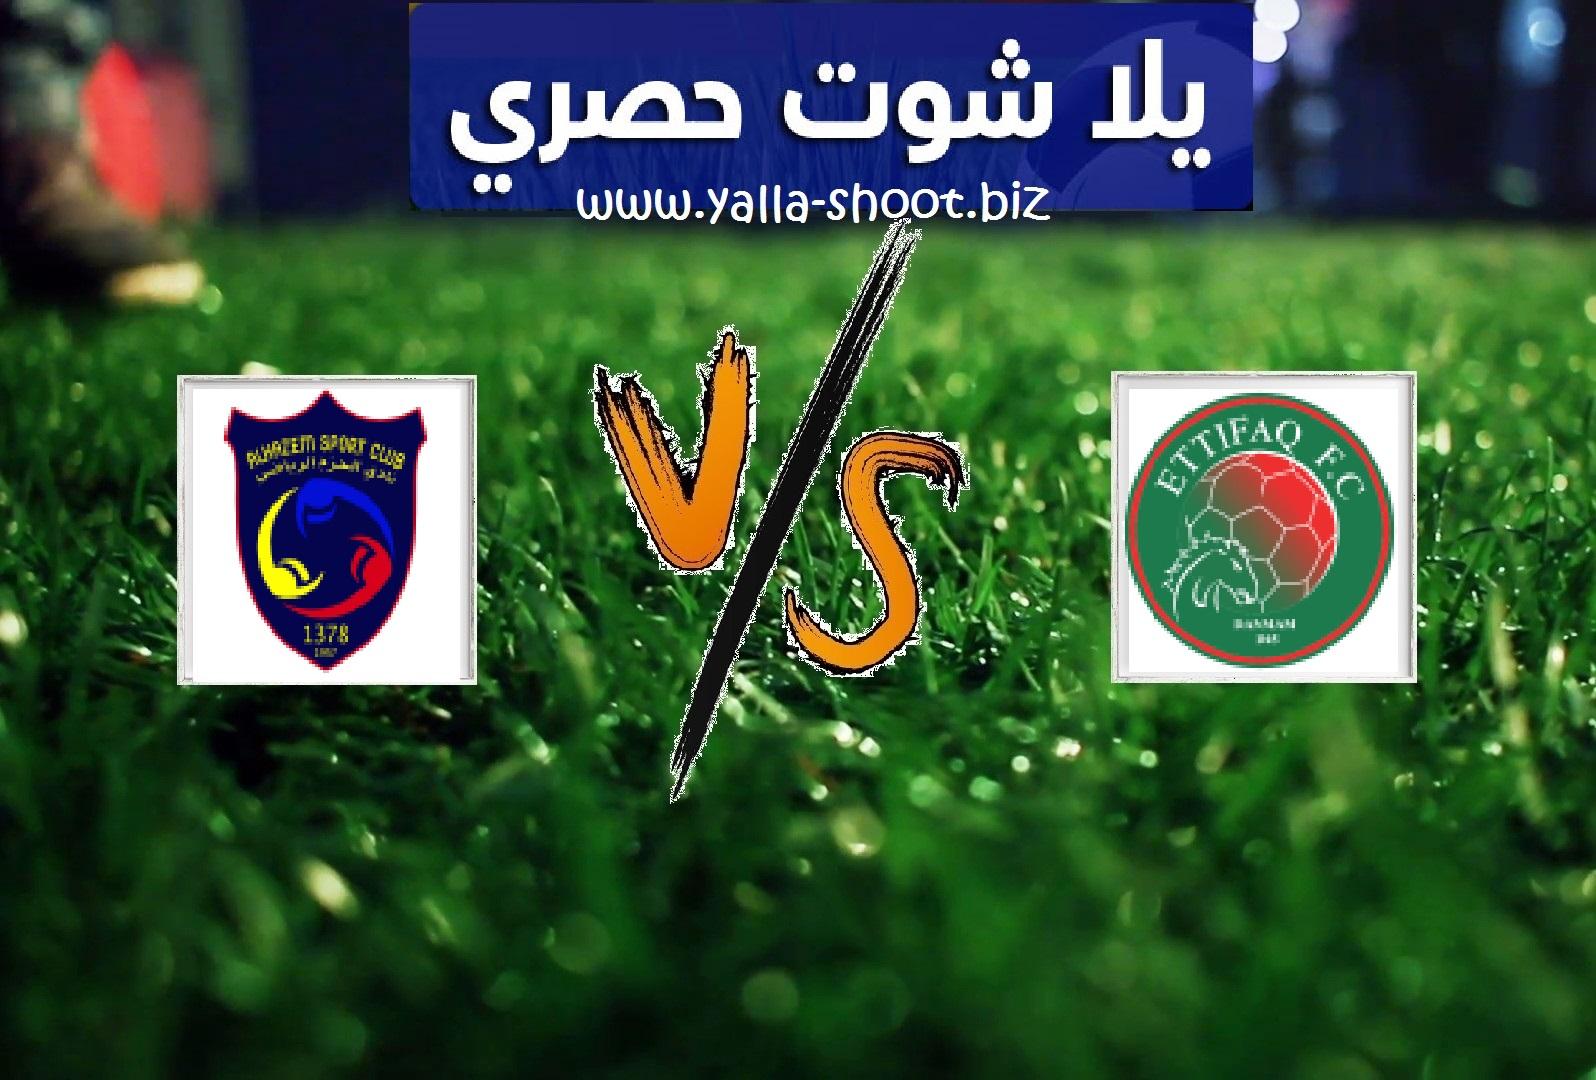 نتيجة مباراة الاتفاق والحزم اليوم الخميس بتاريخ 13-02-2020 الدوري السعودي